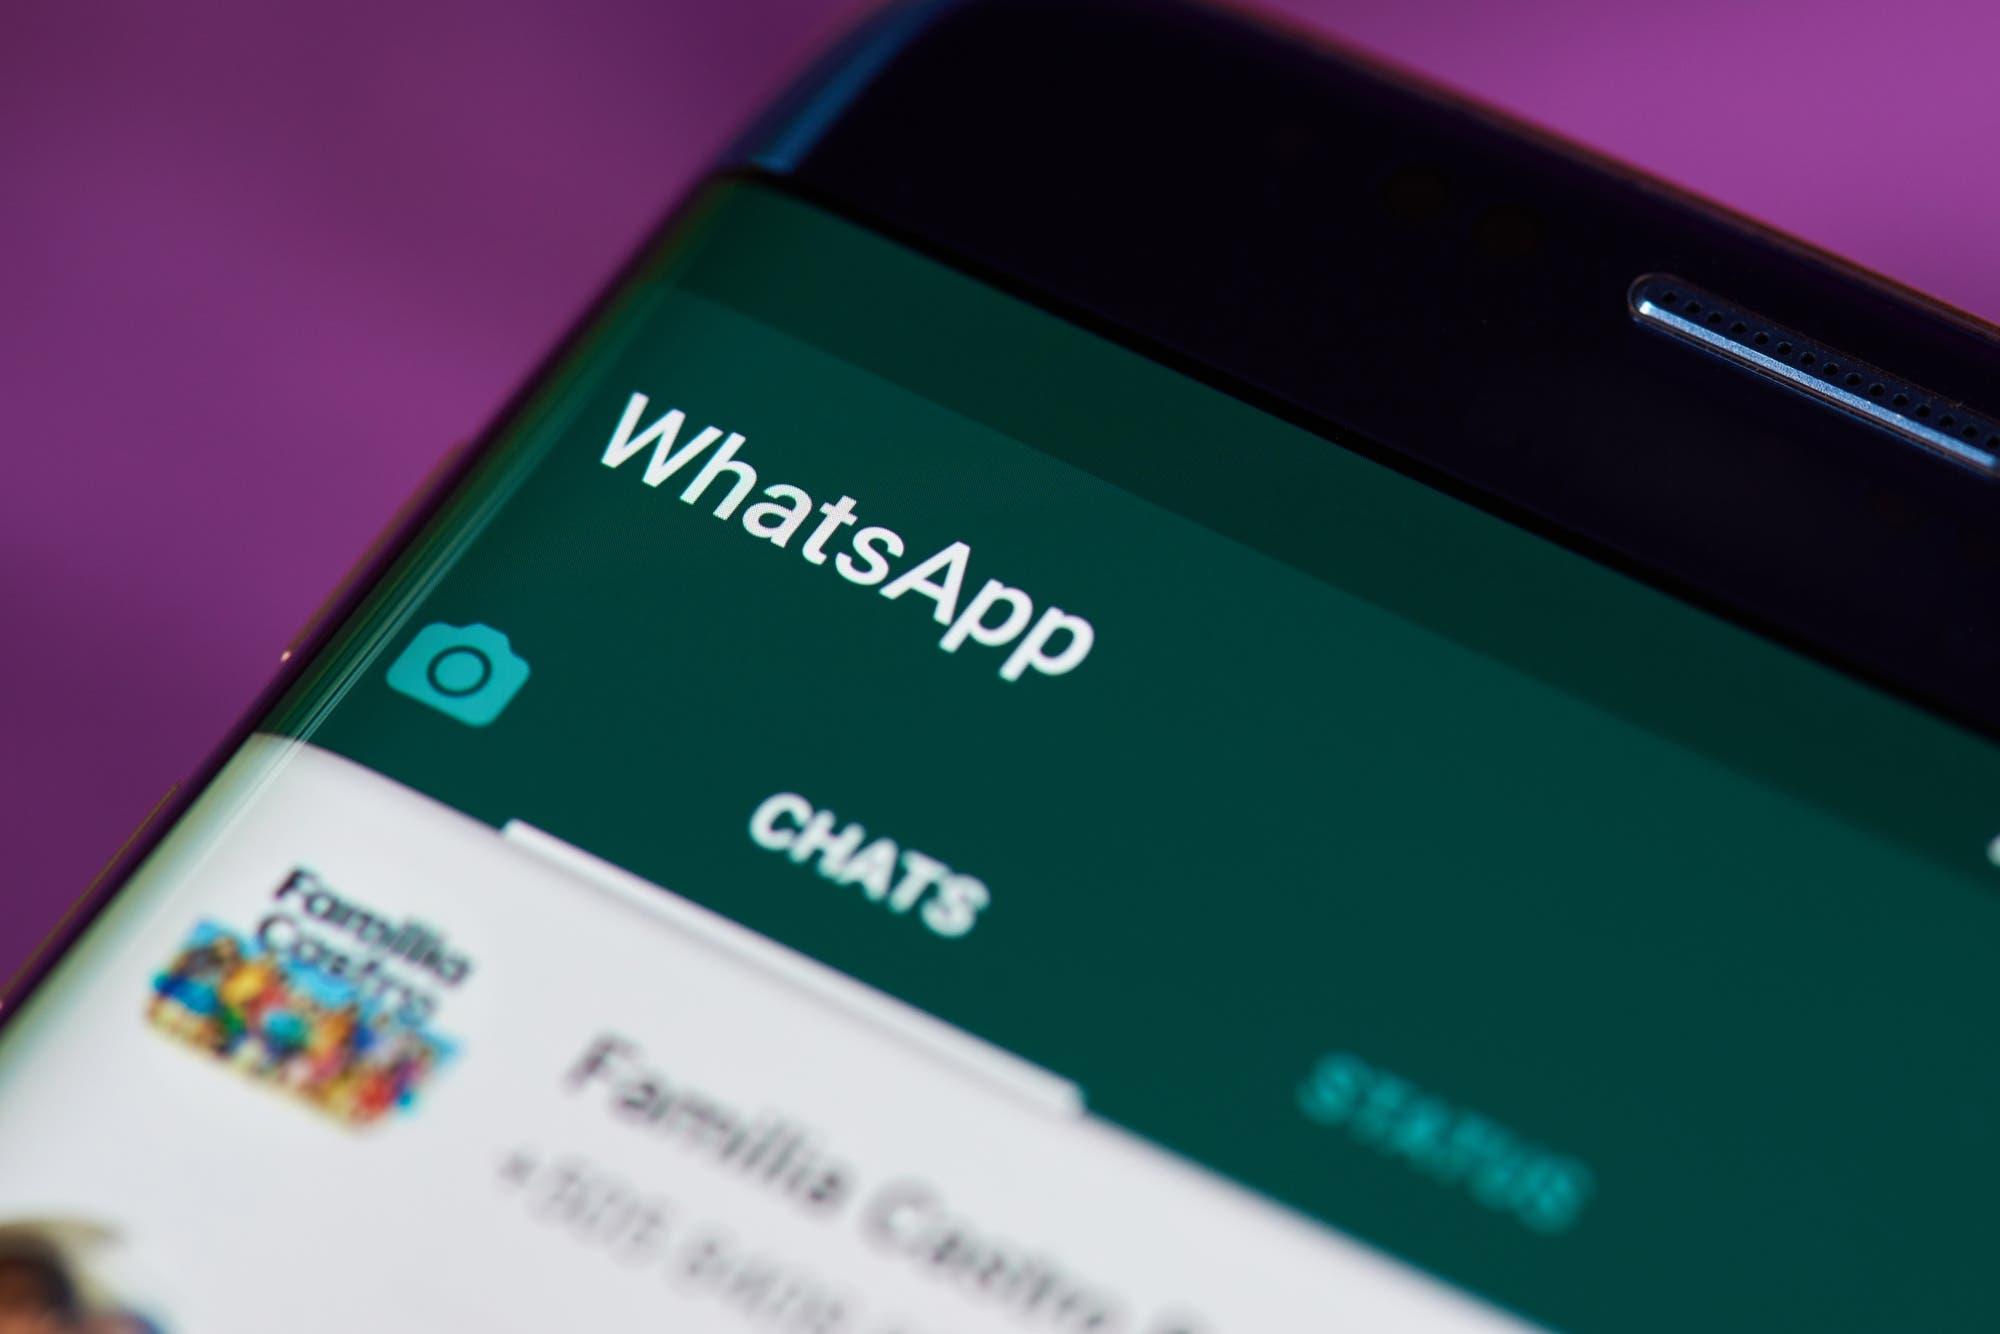 WhatsApp permitirá que los mensajes se autoeliminen sin dejar rastro en teléfonos Android